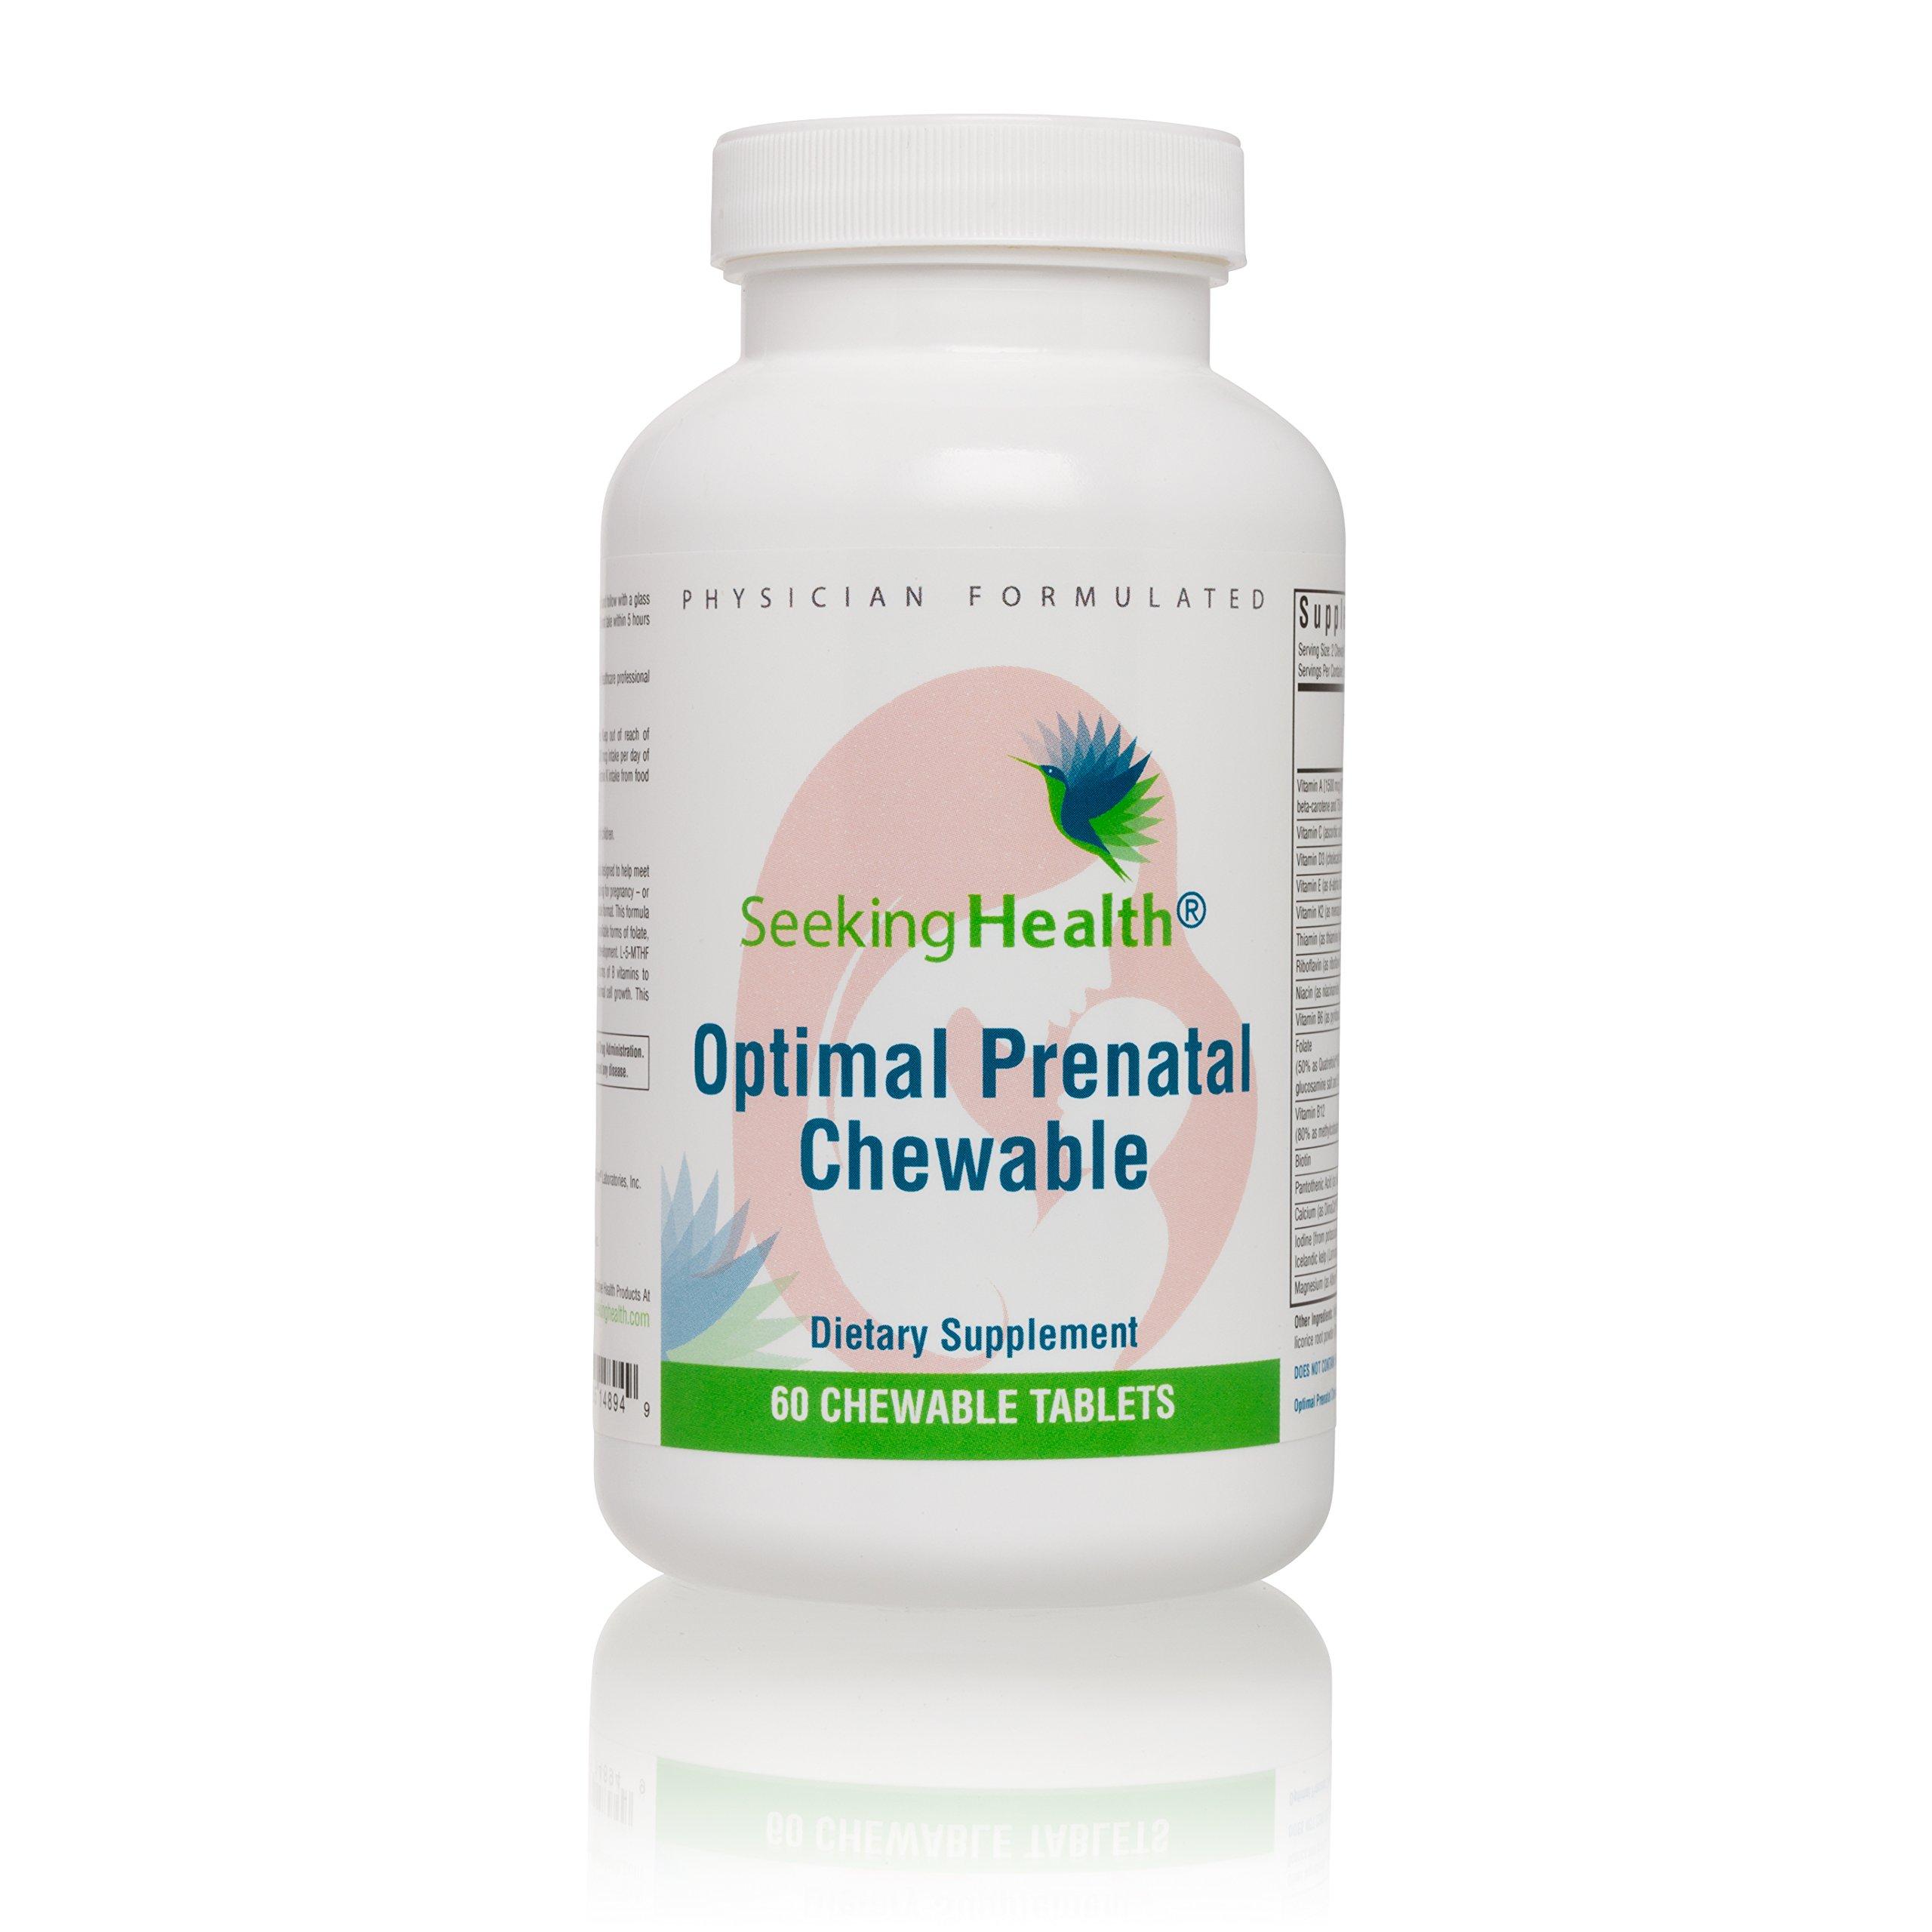 Seeking Health   Optimal Prenatal Chewable l Prenatal Vitamins   Prenatal Supplement for Women